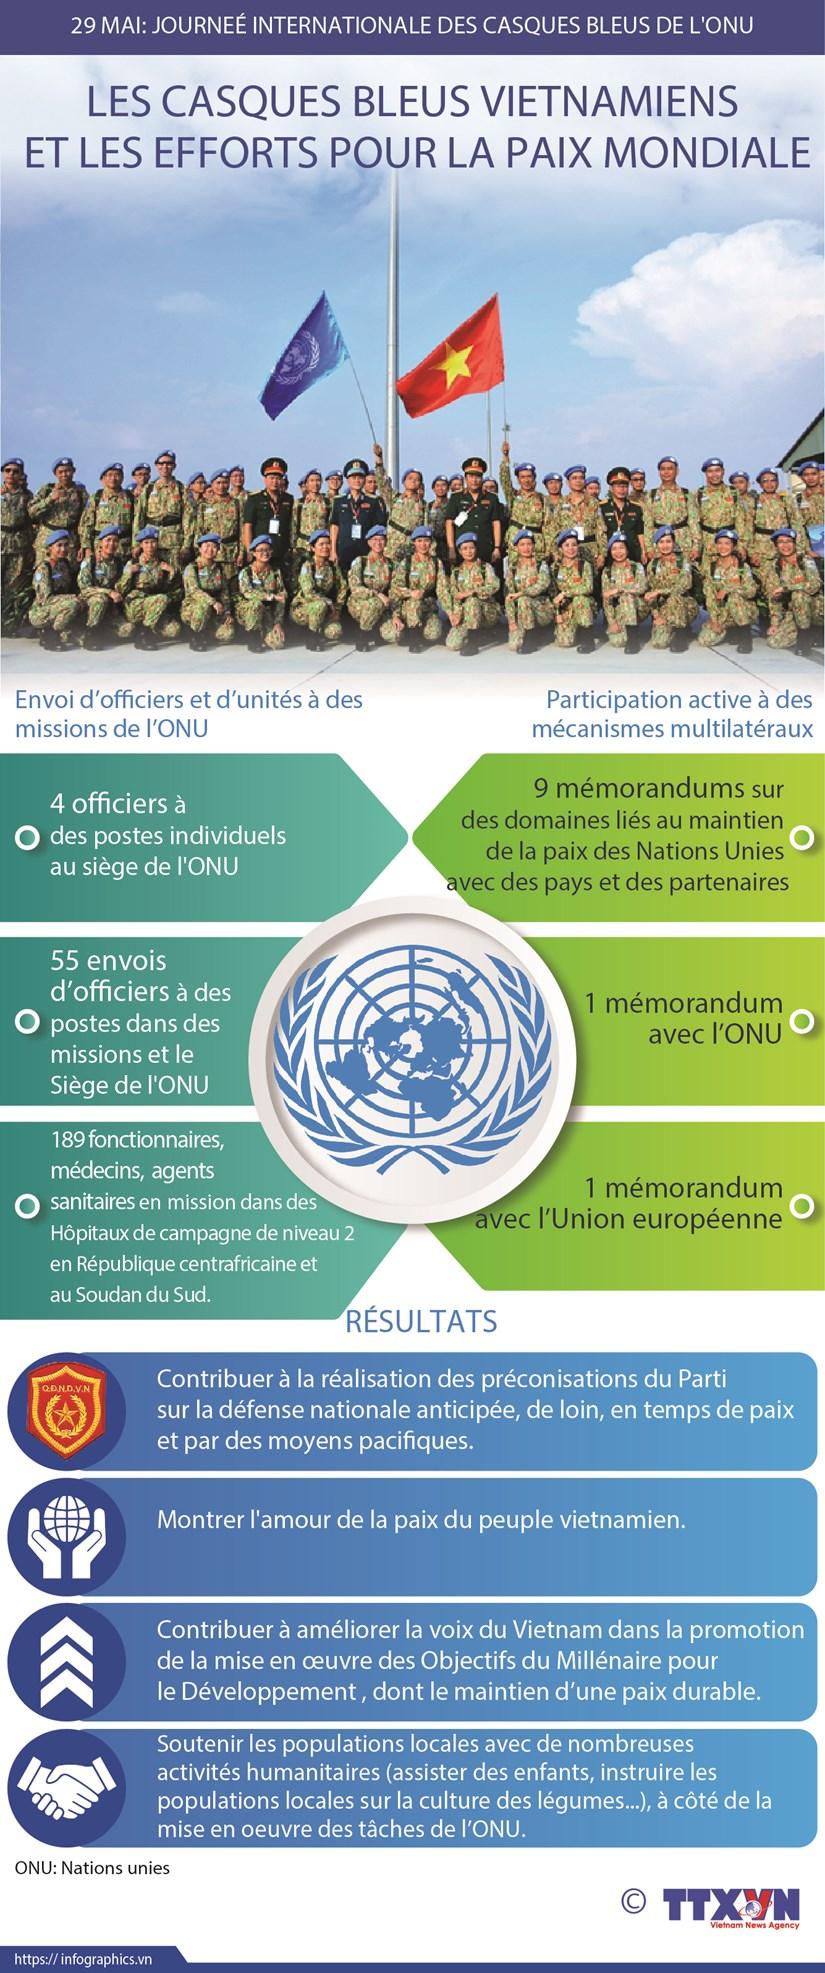 Les casques bleus vietnamiens et les efforts pour la paix mondiale hinh anh 1